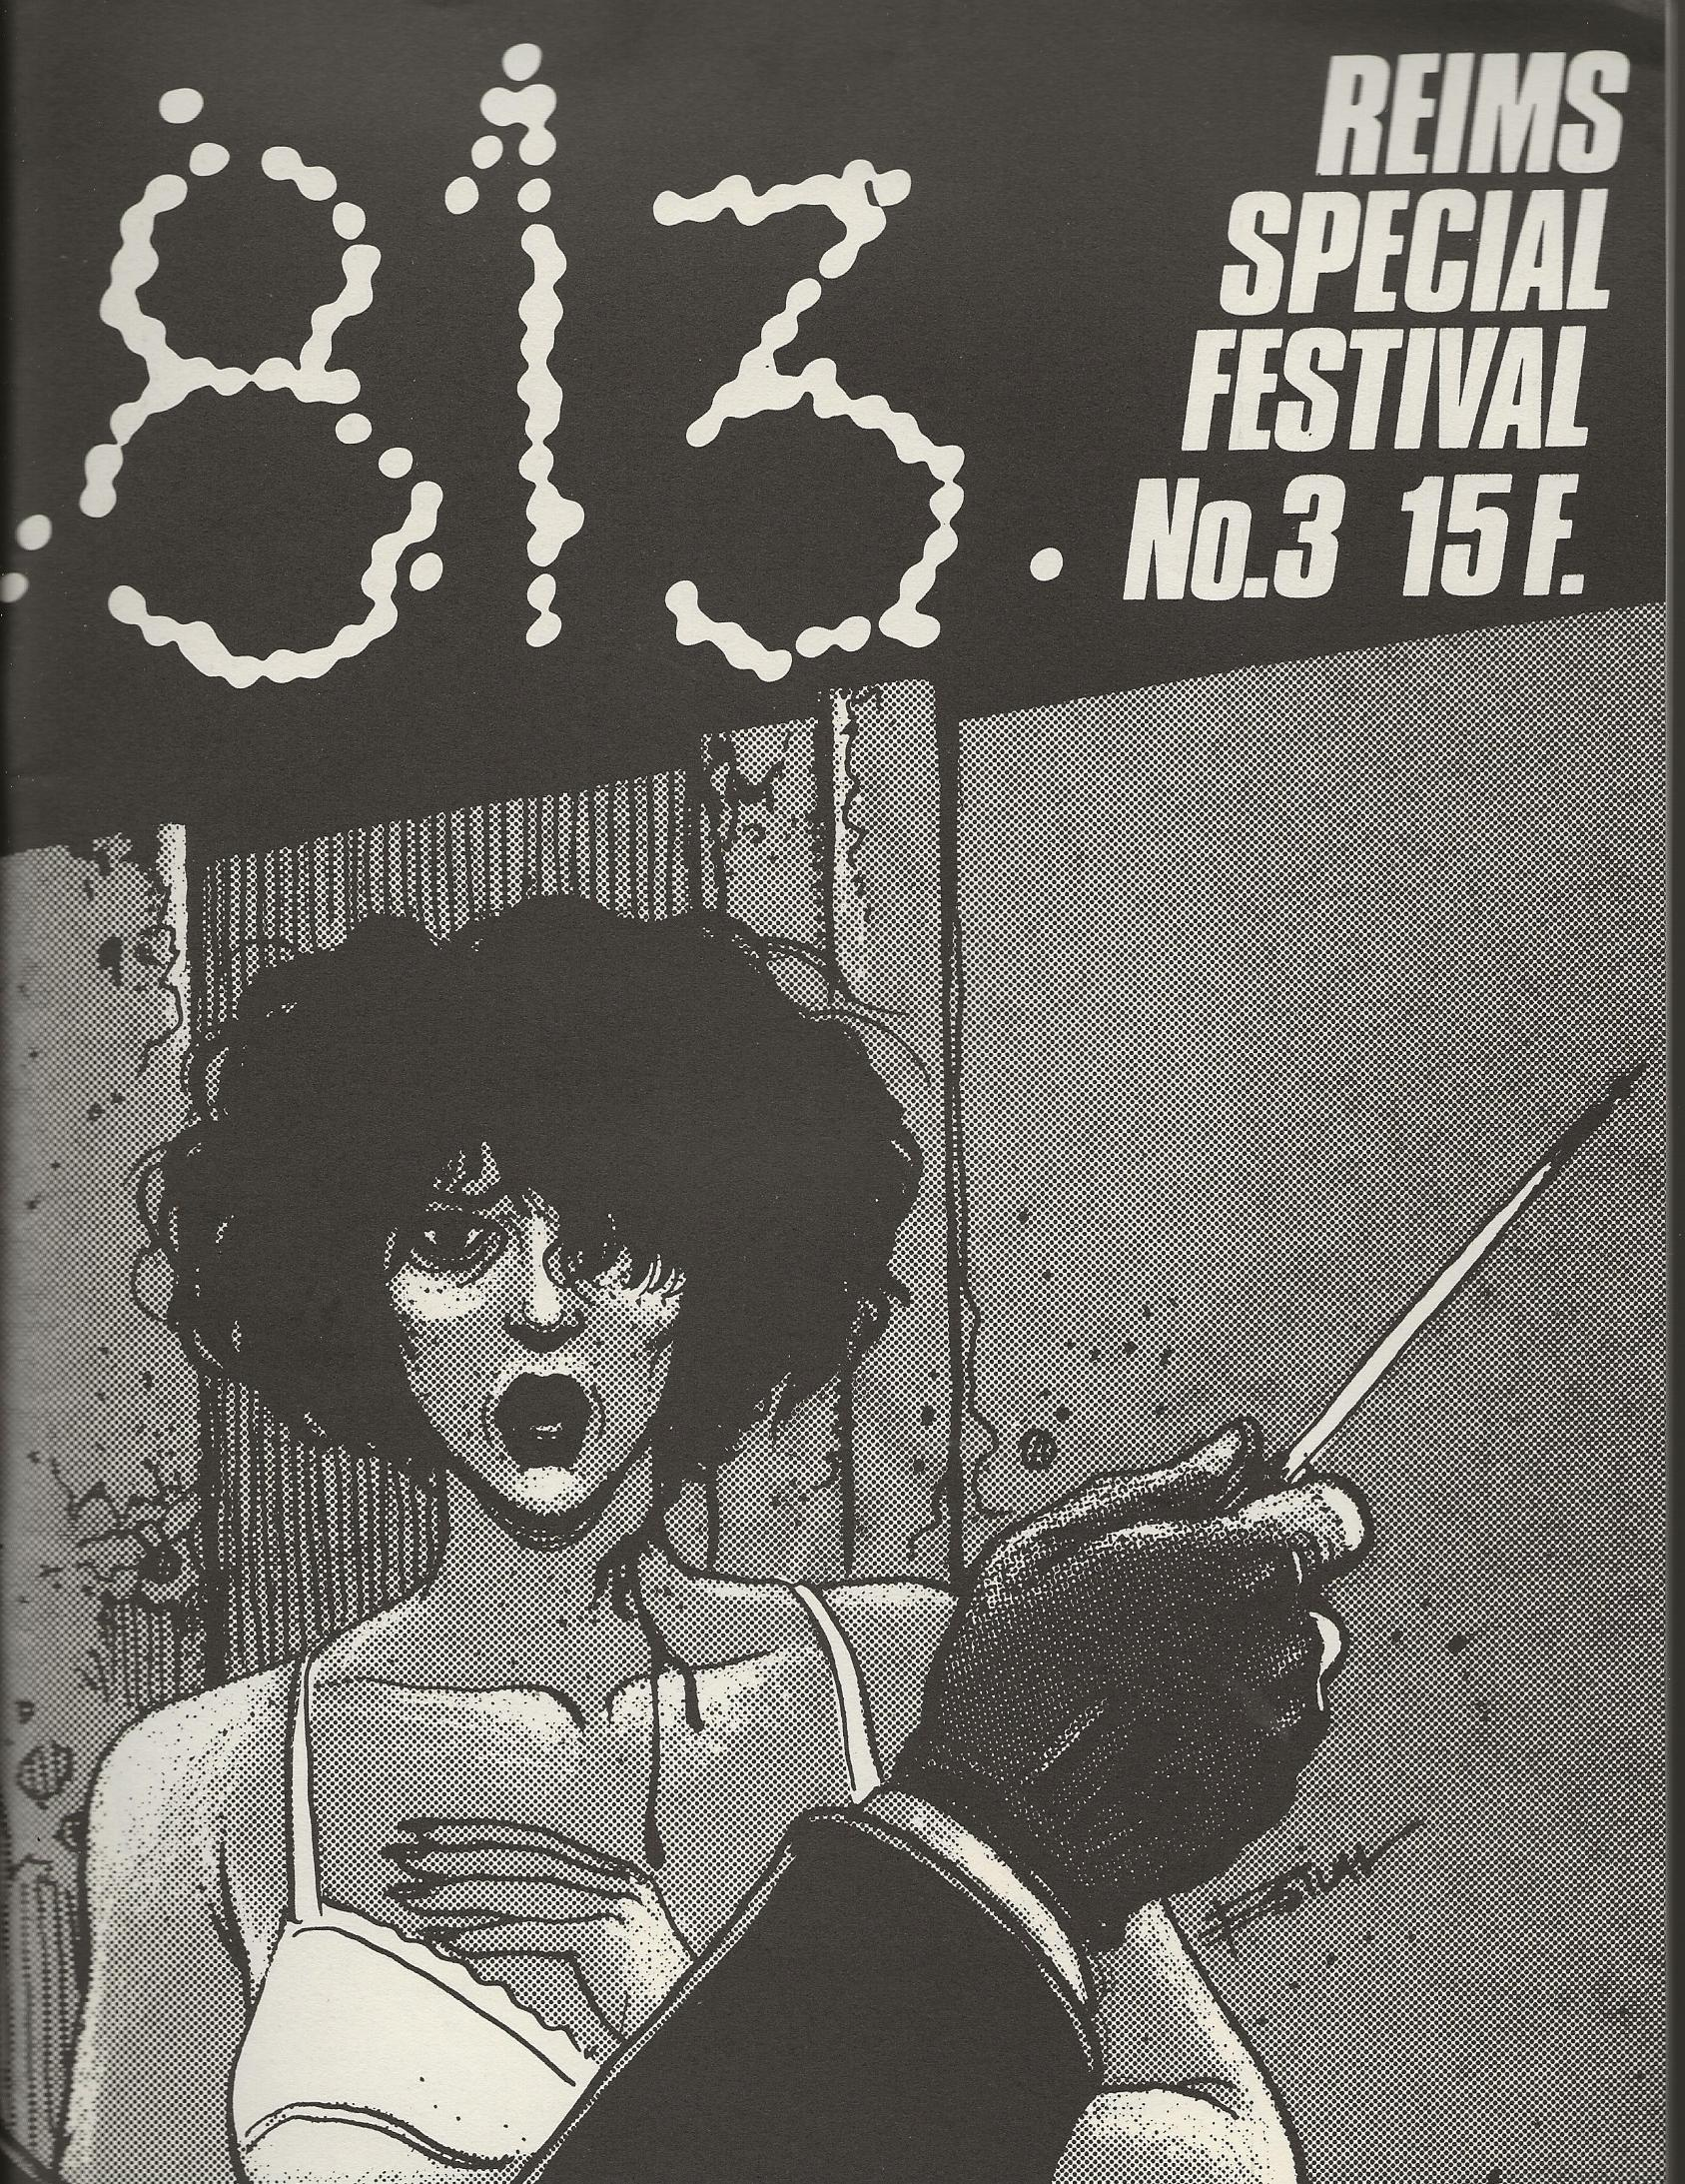 813 ~ No. 3 ~ Reims Special Festival